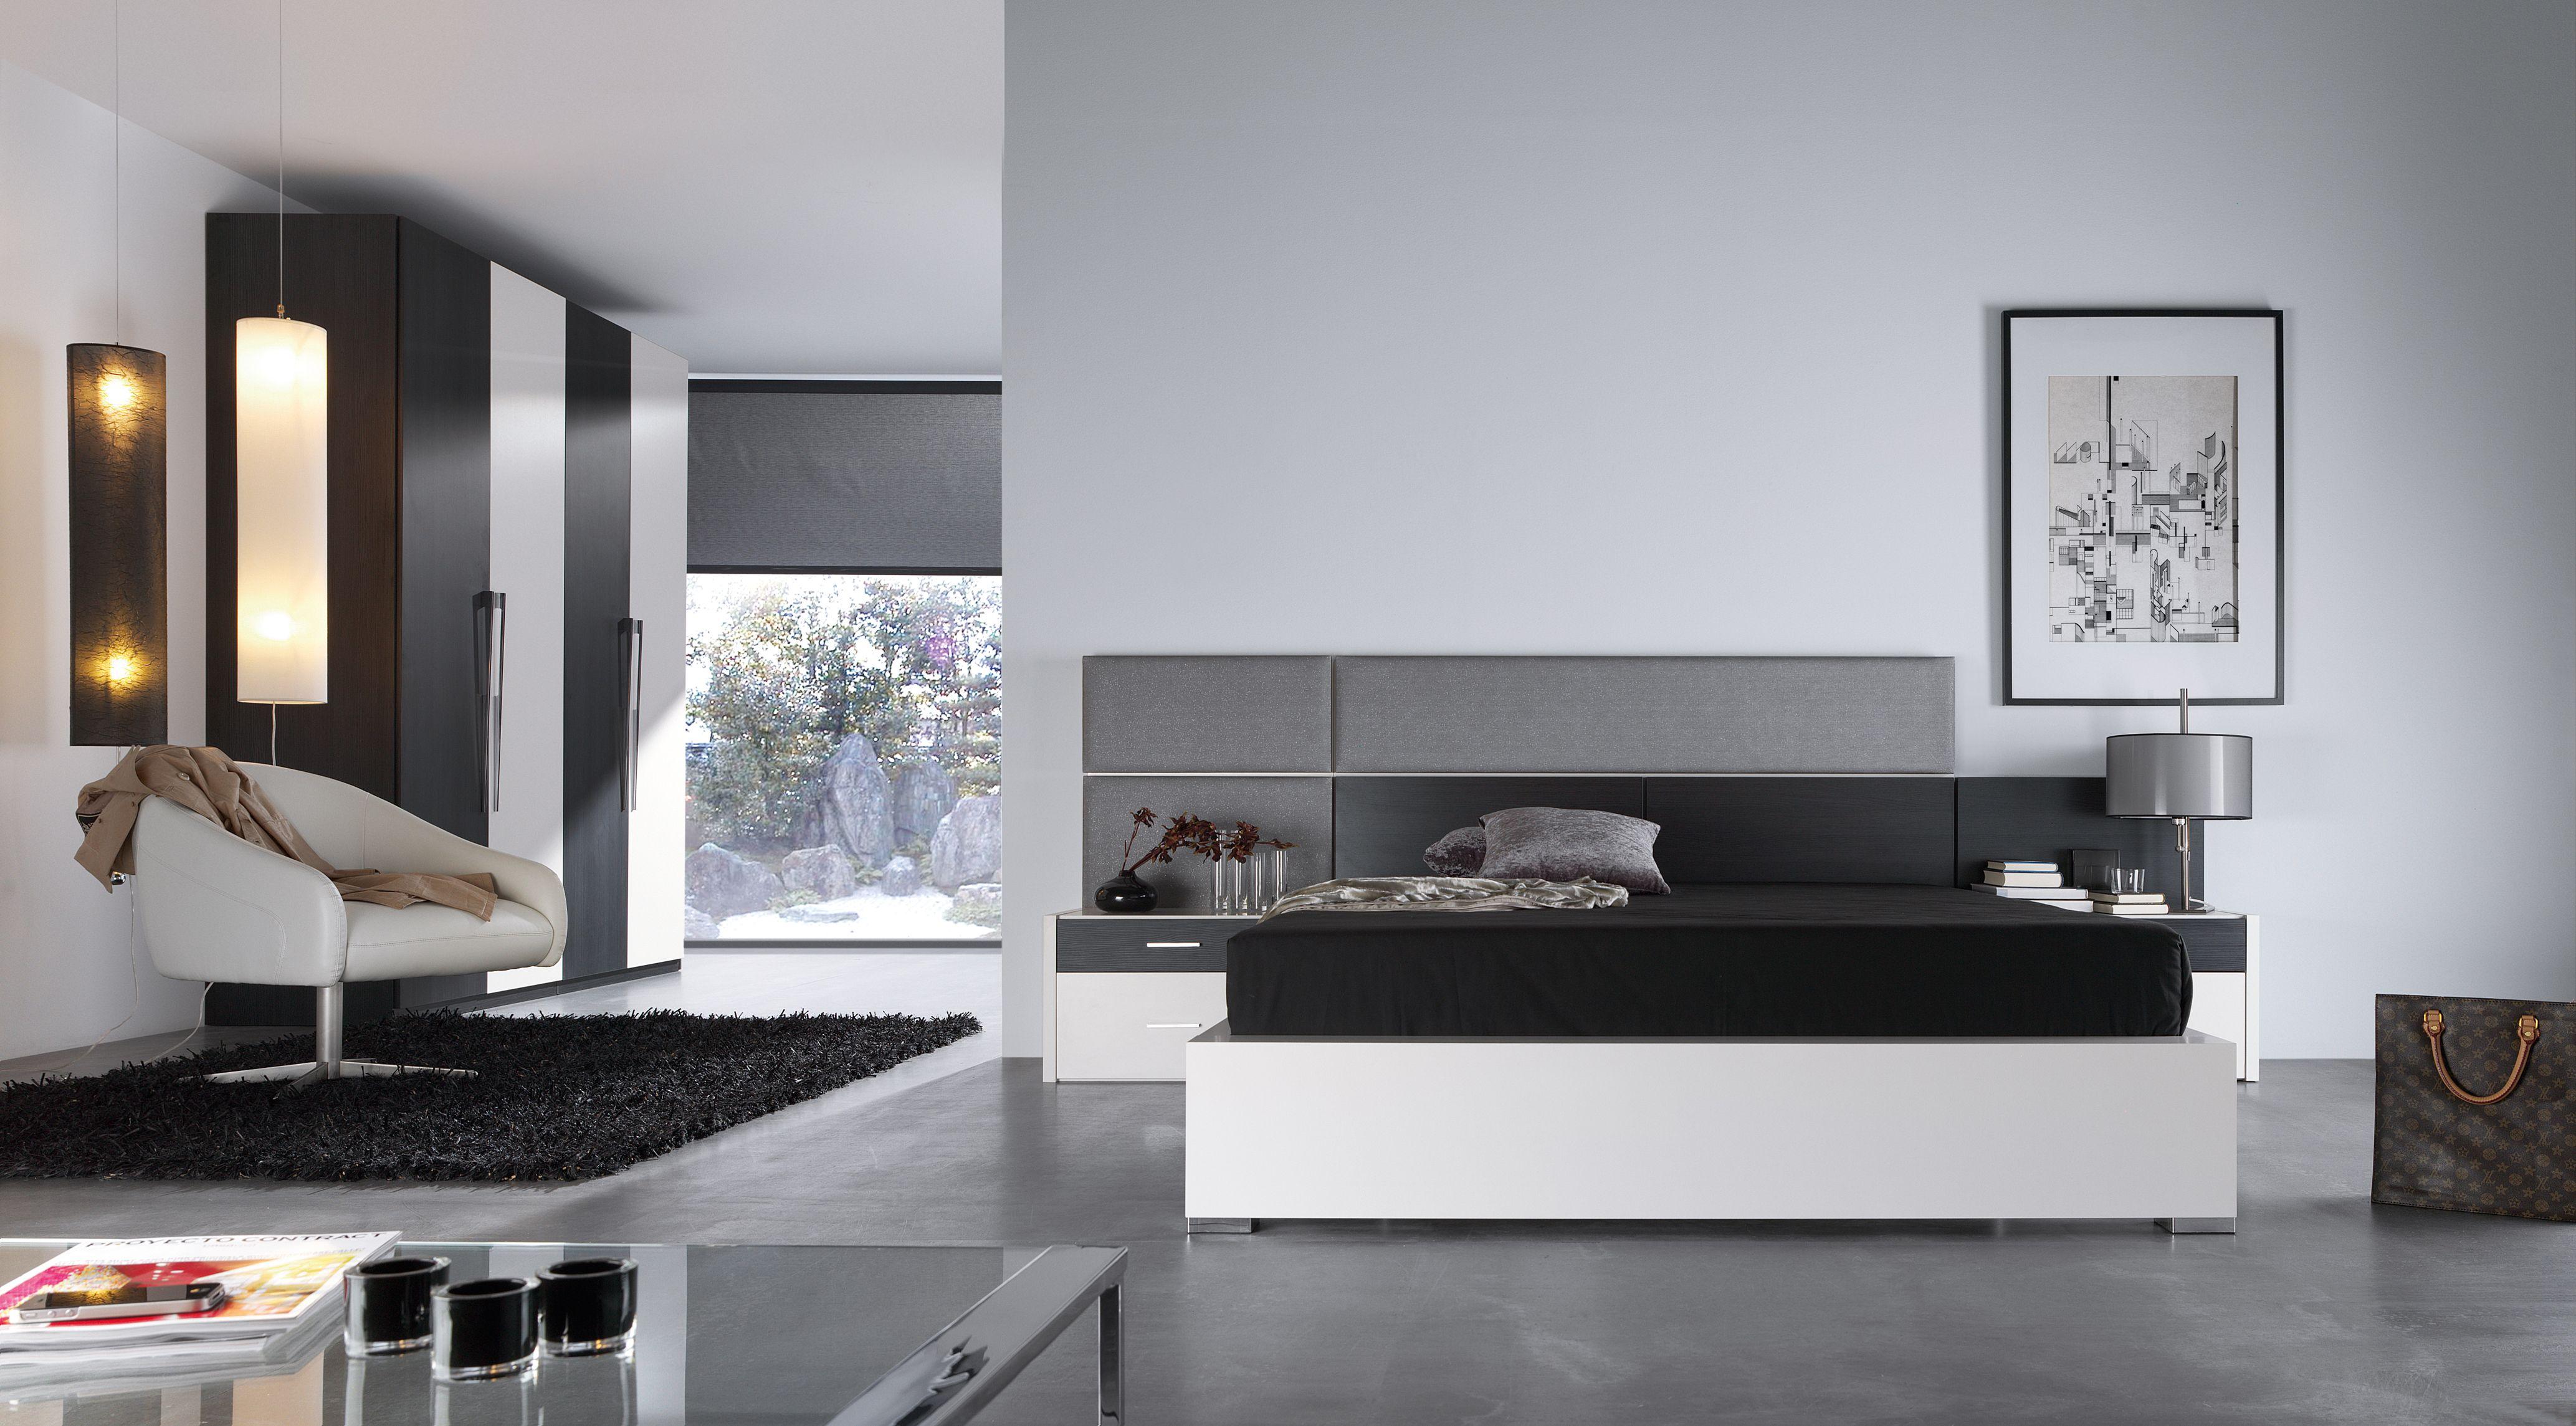 Dormitorio de matrimonio modelo abie habitaciones - Disenos dormitorios matrimoniales ...